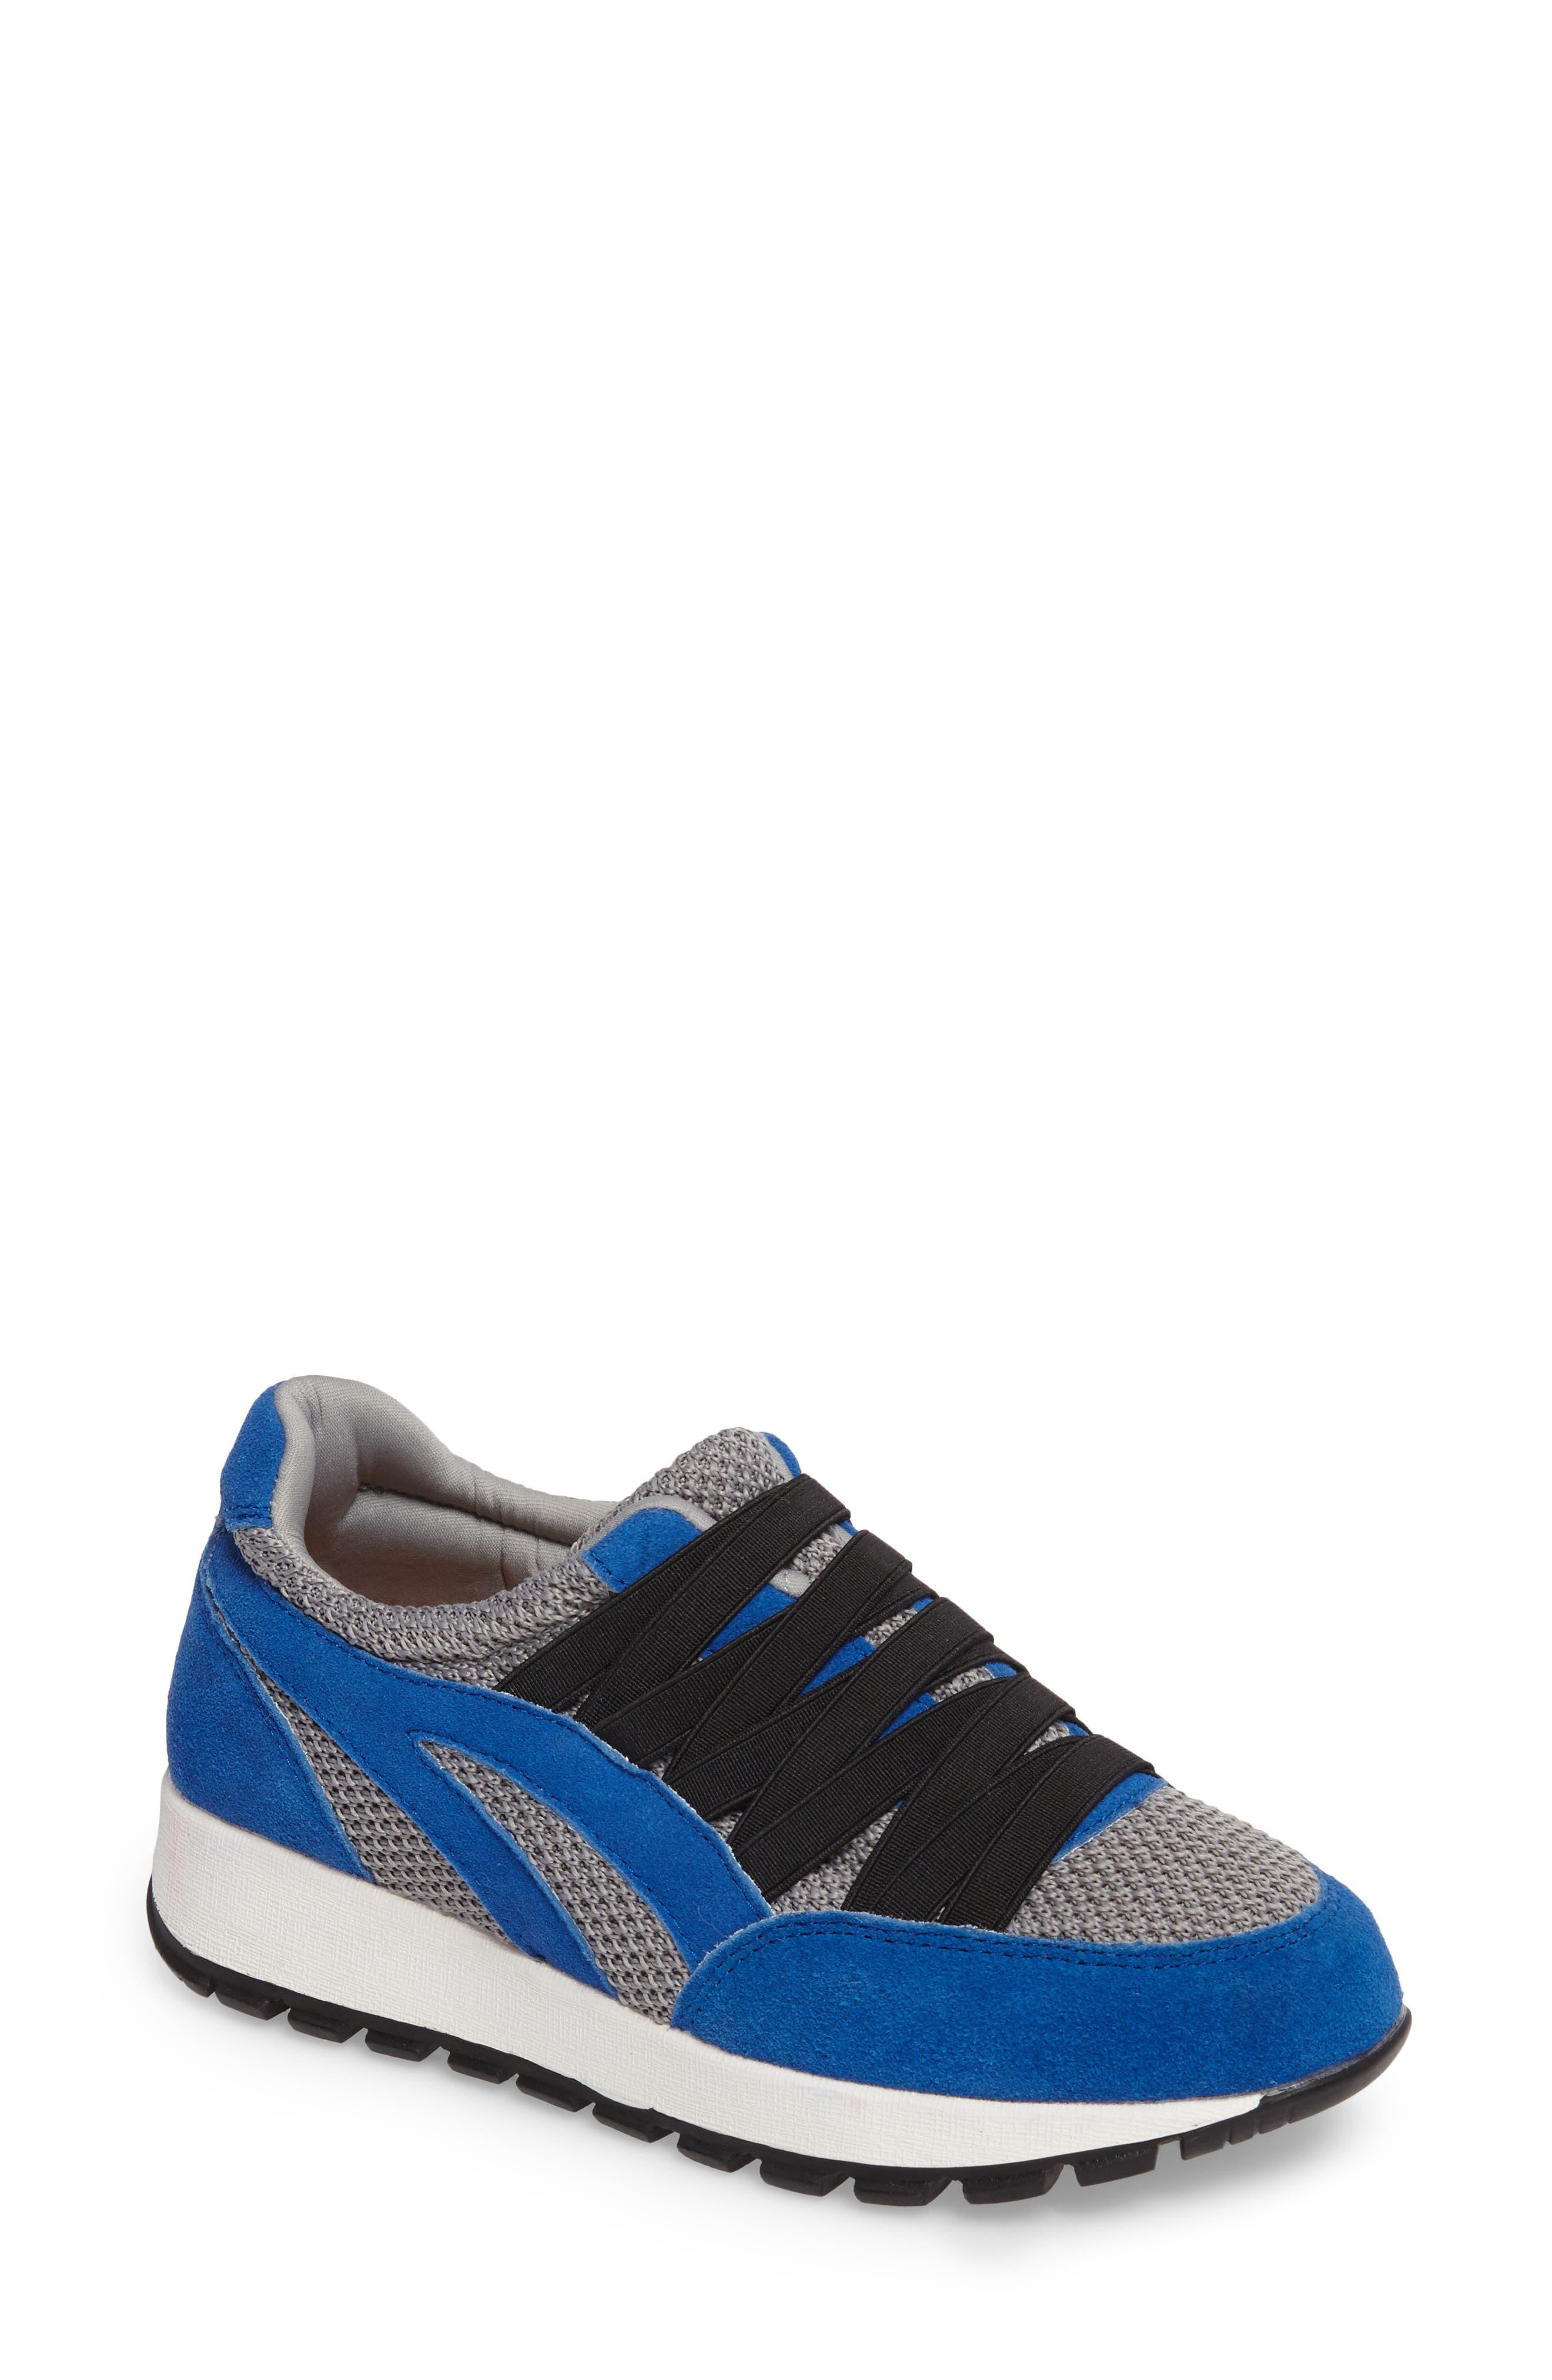 BERNIE MEV., Bernie Mev Tara Cano Sneaker, Main thumbnail 1, color, ROYAL BLUE/ GREY FABRIC